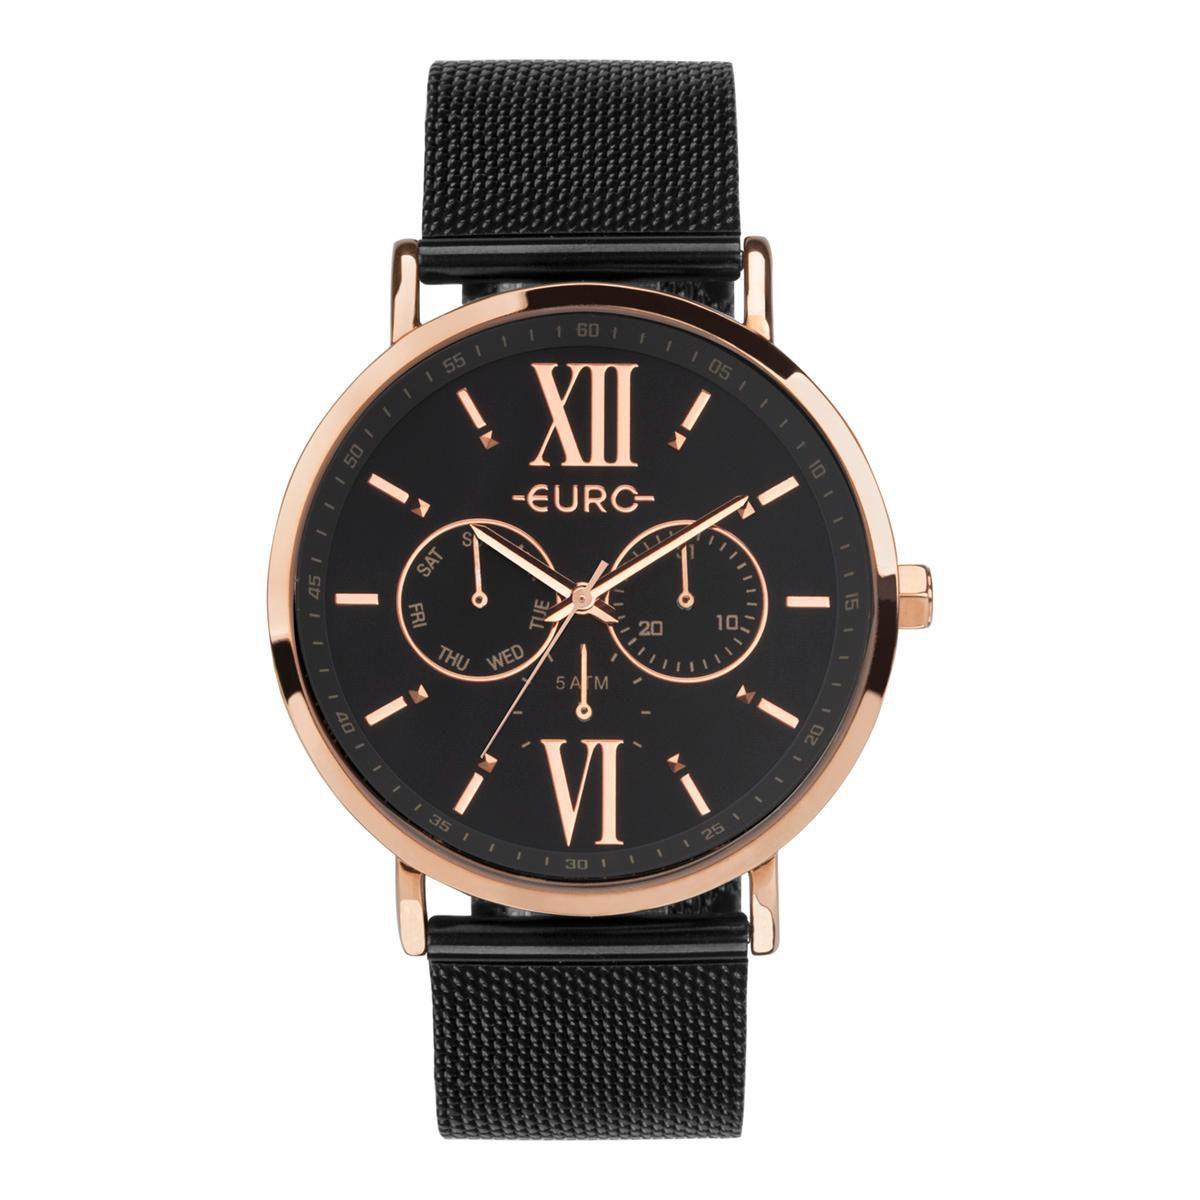 Relógio Feminino Euro EU6P29AHG/5P 43mm Aço Preto